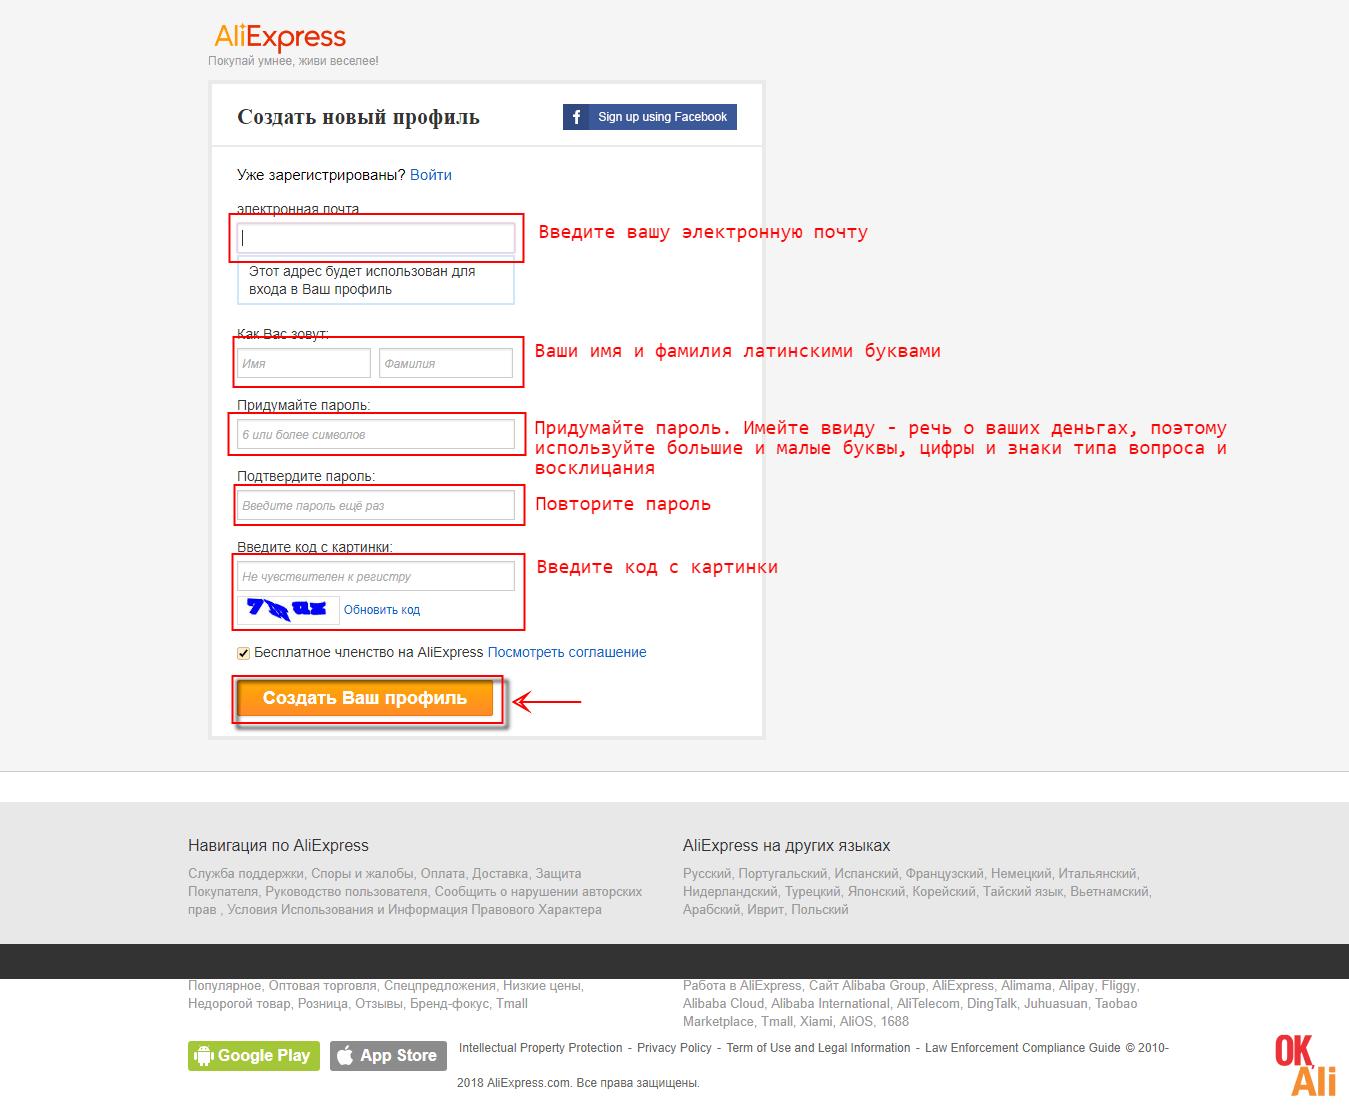 Как зарегистрироваться на Али